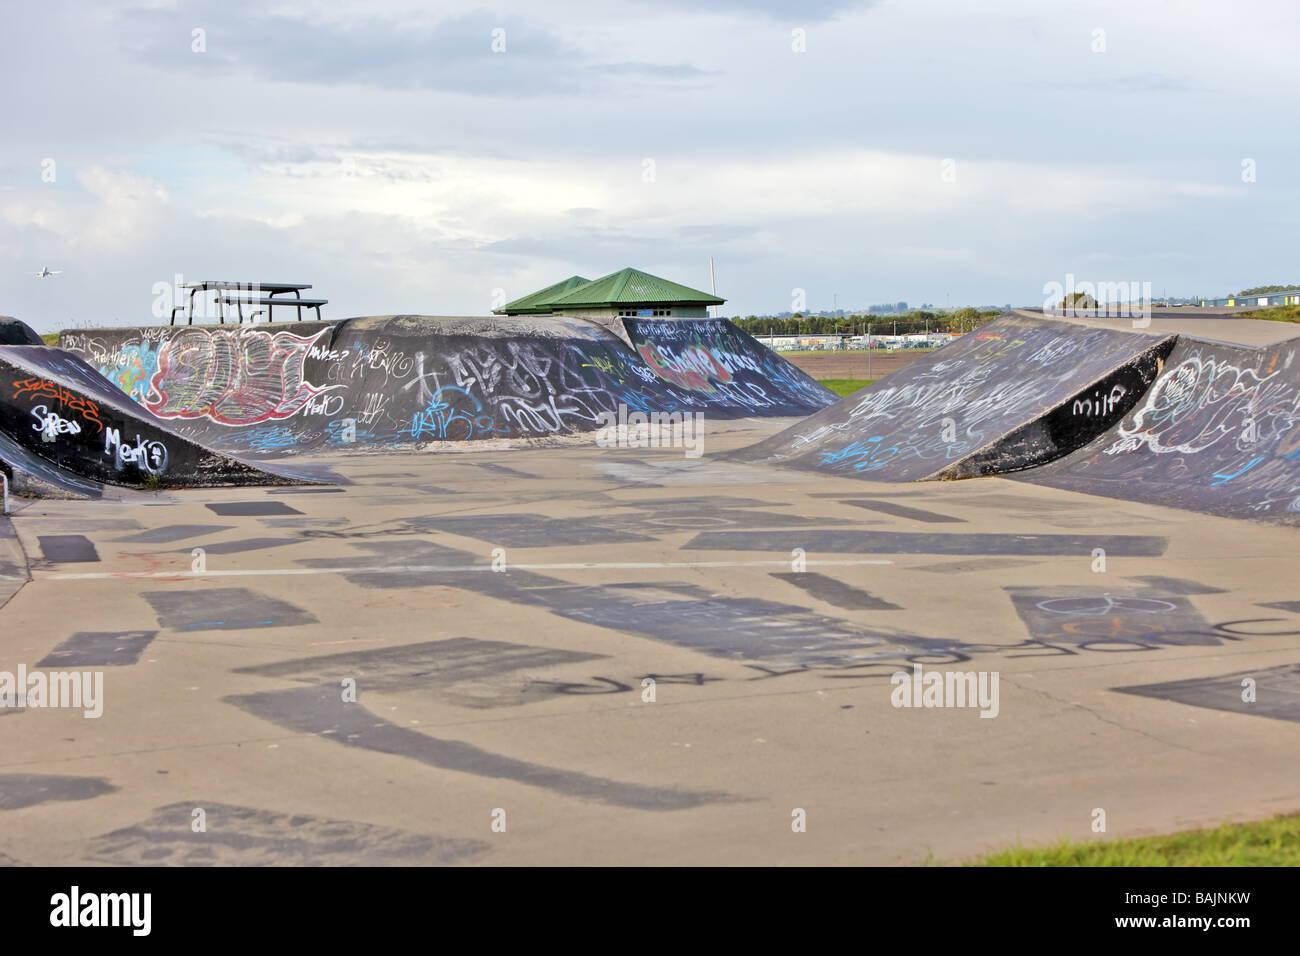 deserted skateboard park with graffiti - Stock Image